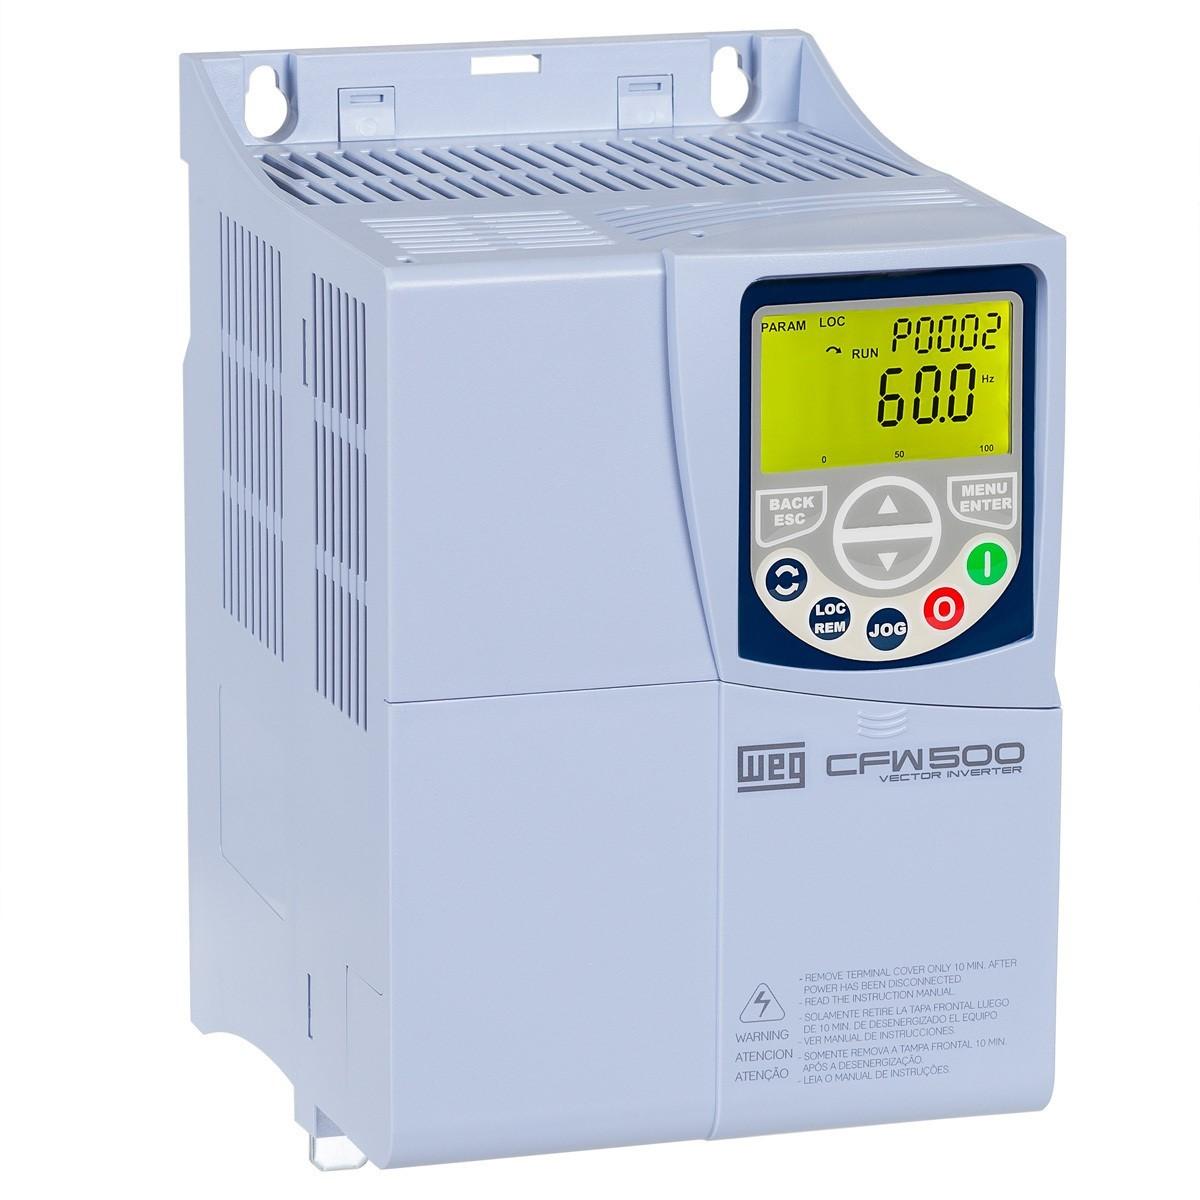 Inversor de frequência Weg CFW500 Entrada 380V 10CV 16A